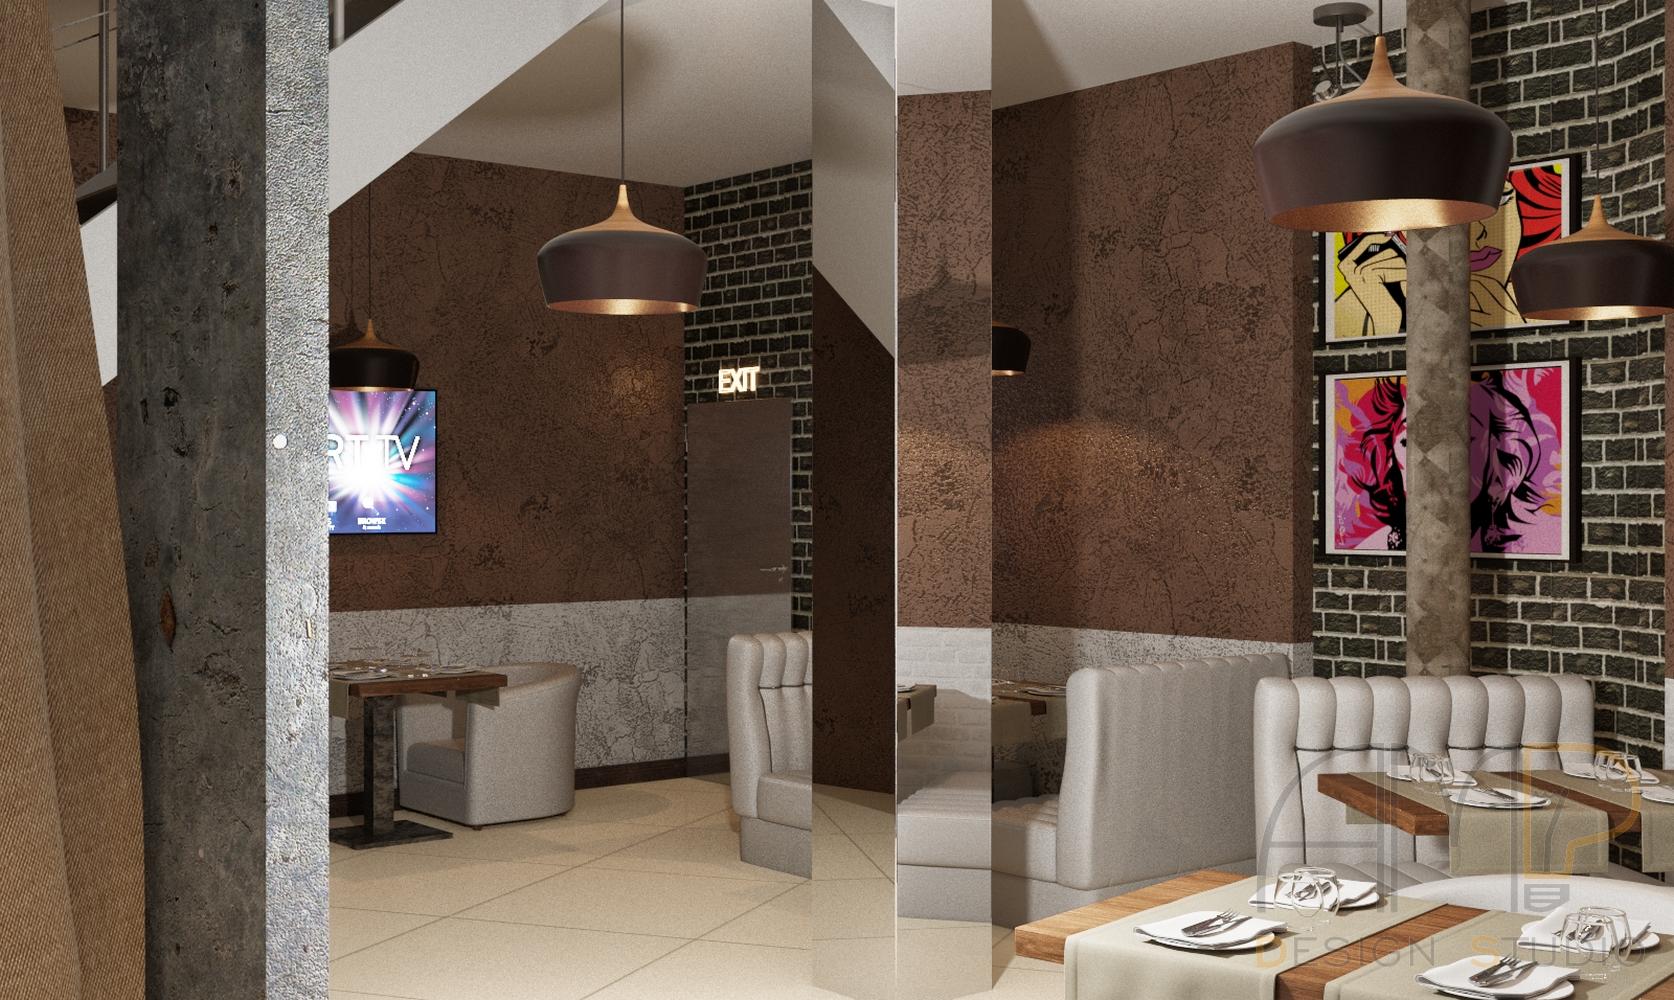 gibs-restoran-4